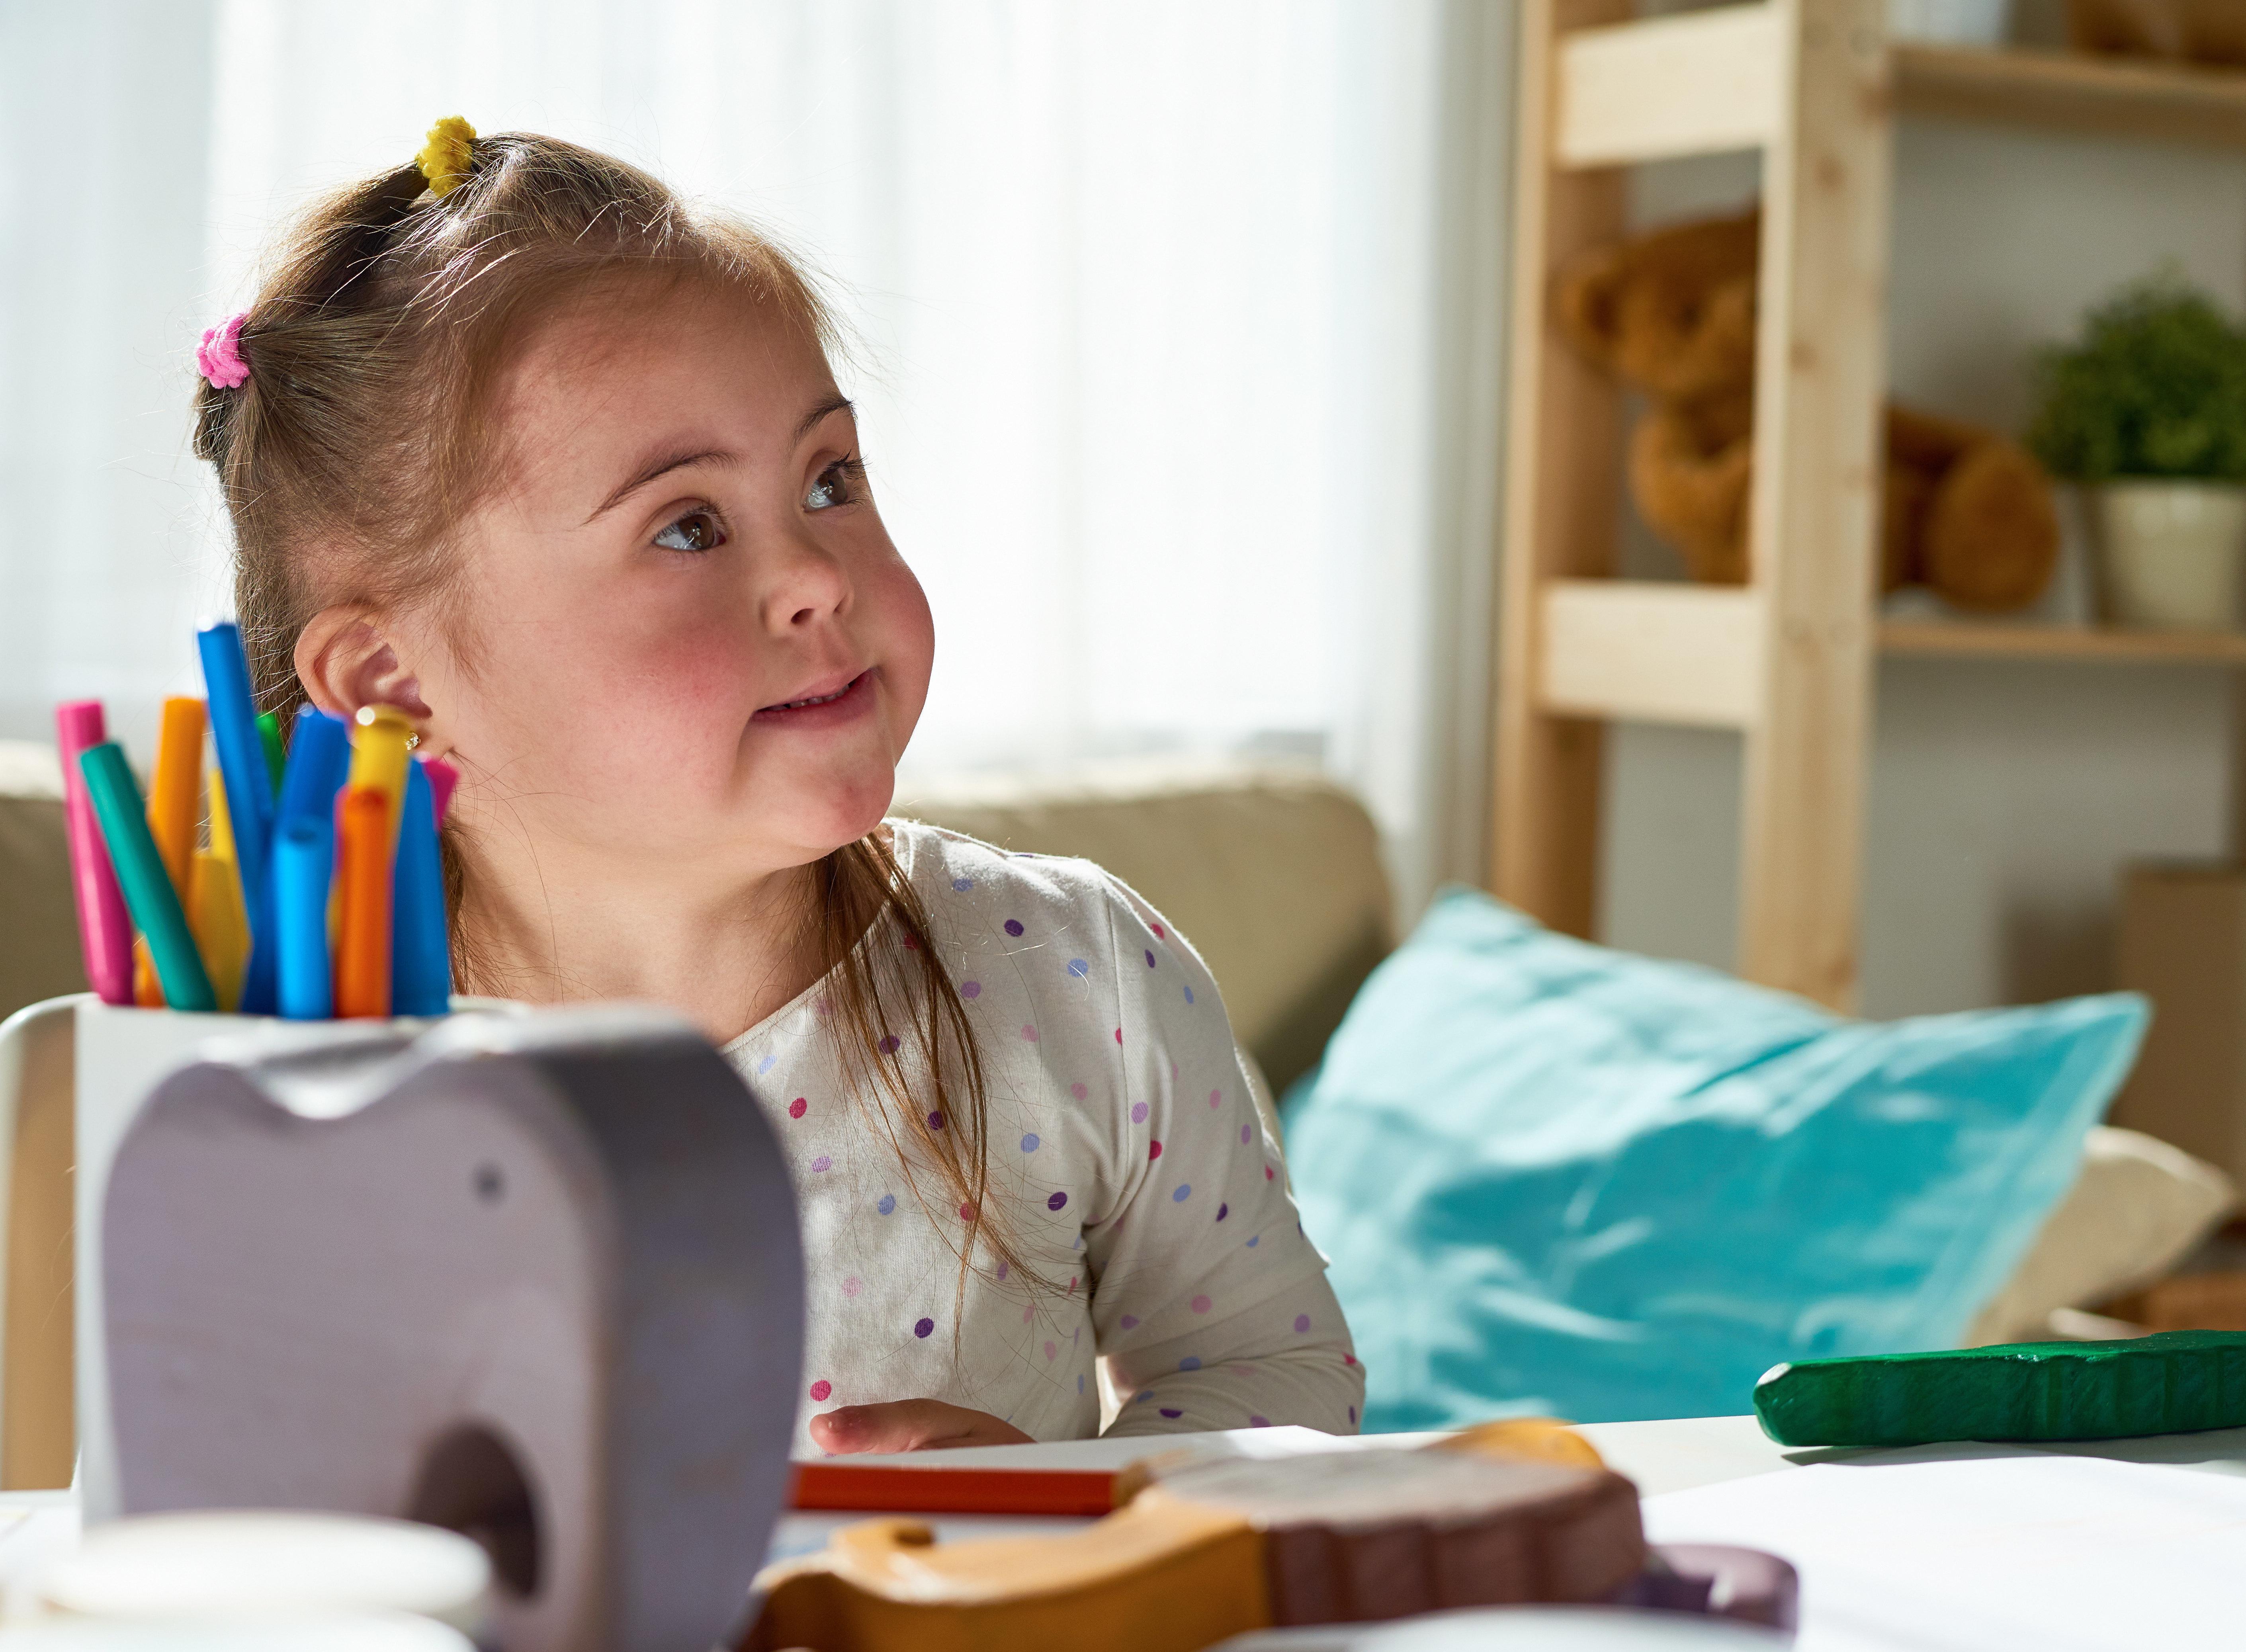 Diagnose Down-Syndrom: Die meisten Eltern entscheiden sich heute für eine Abtreibung, weil sie unter enormem Druck stehen